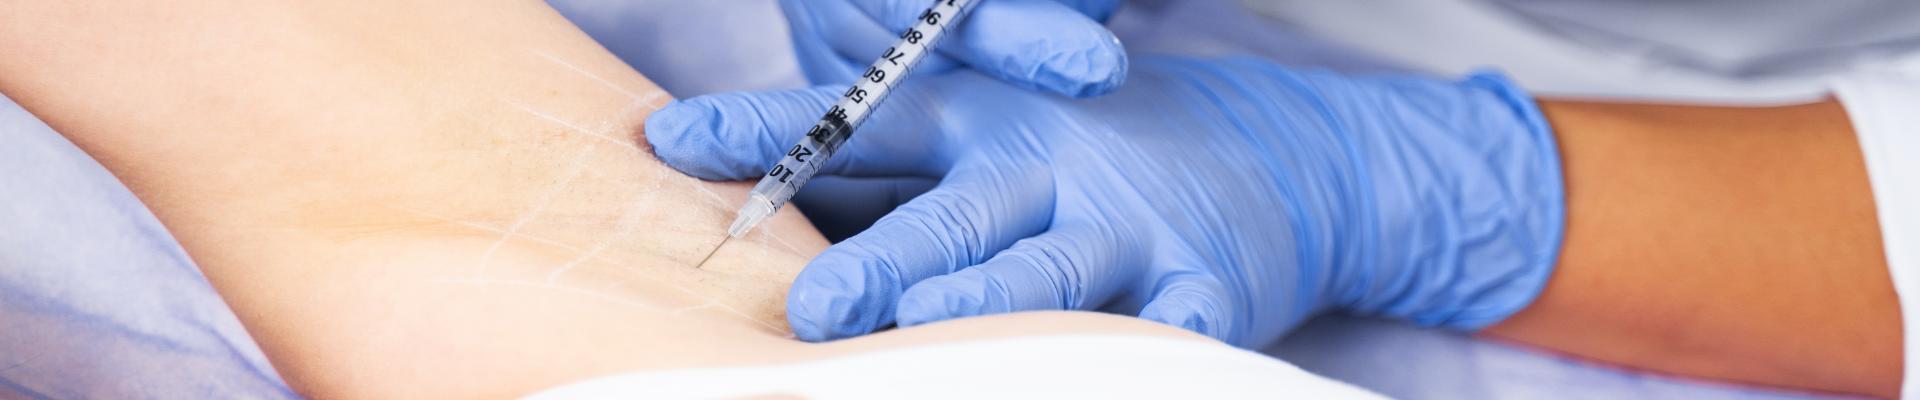 Hyperhidrose Behandlung mit Botox